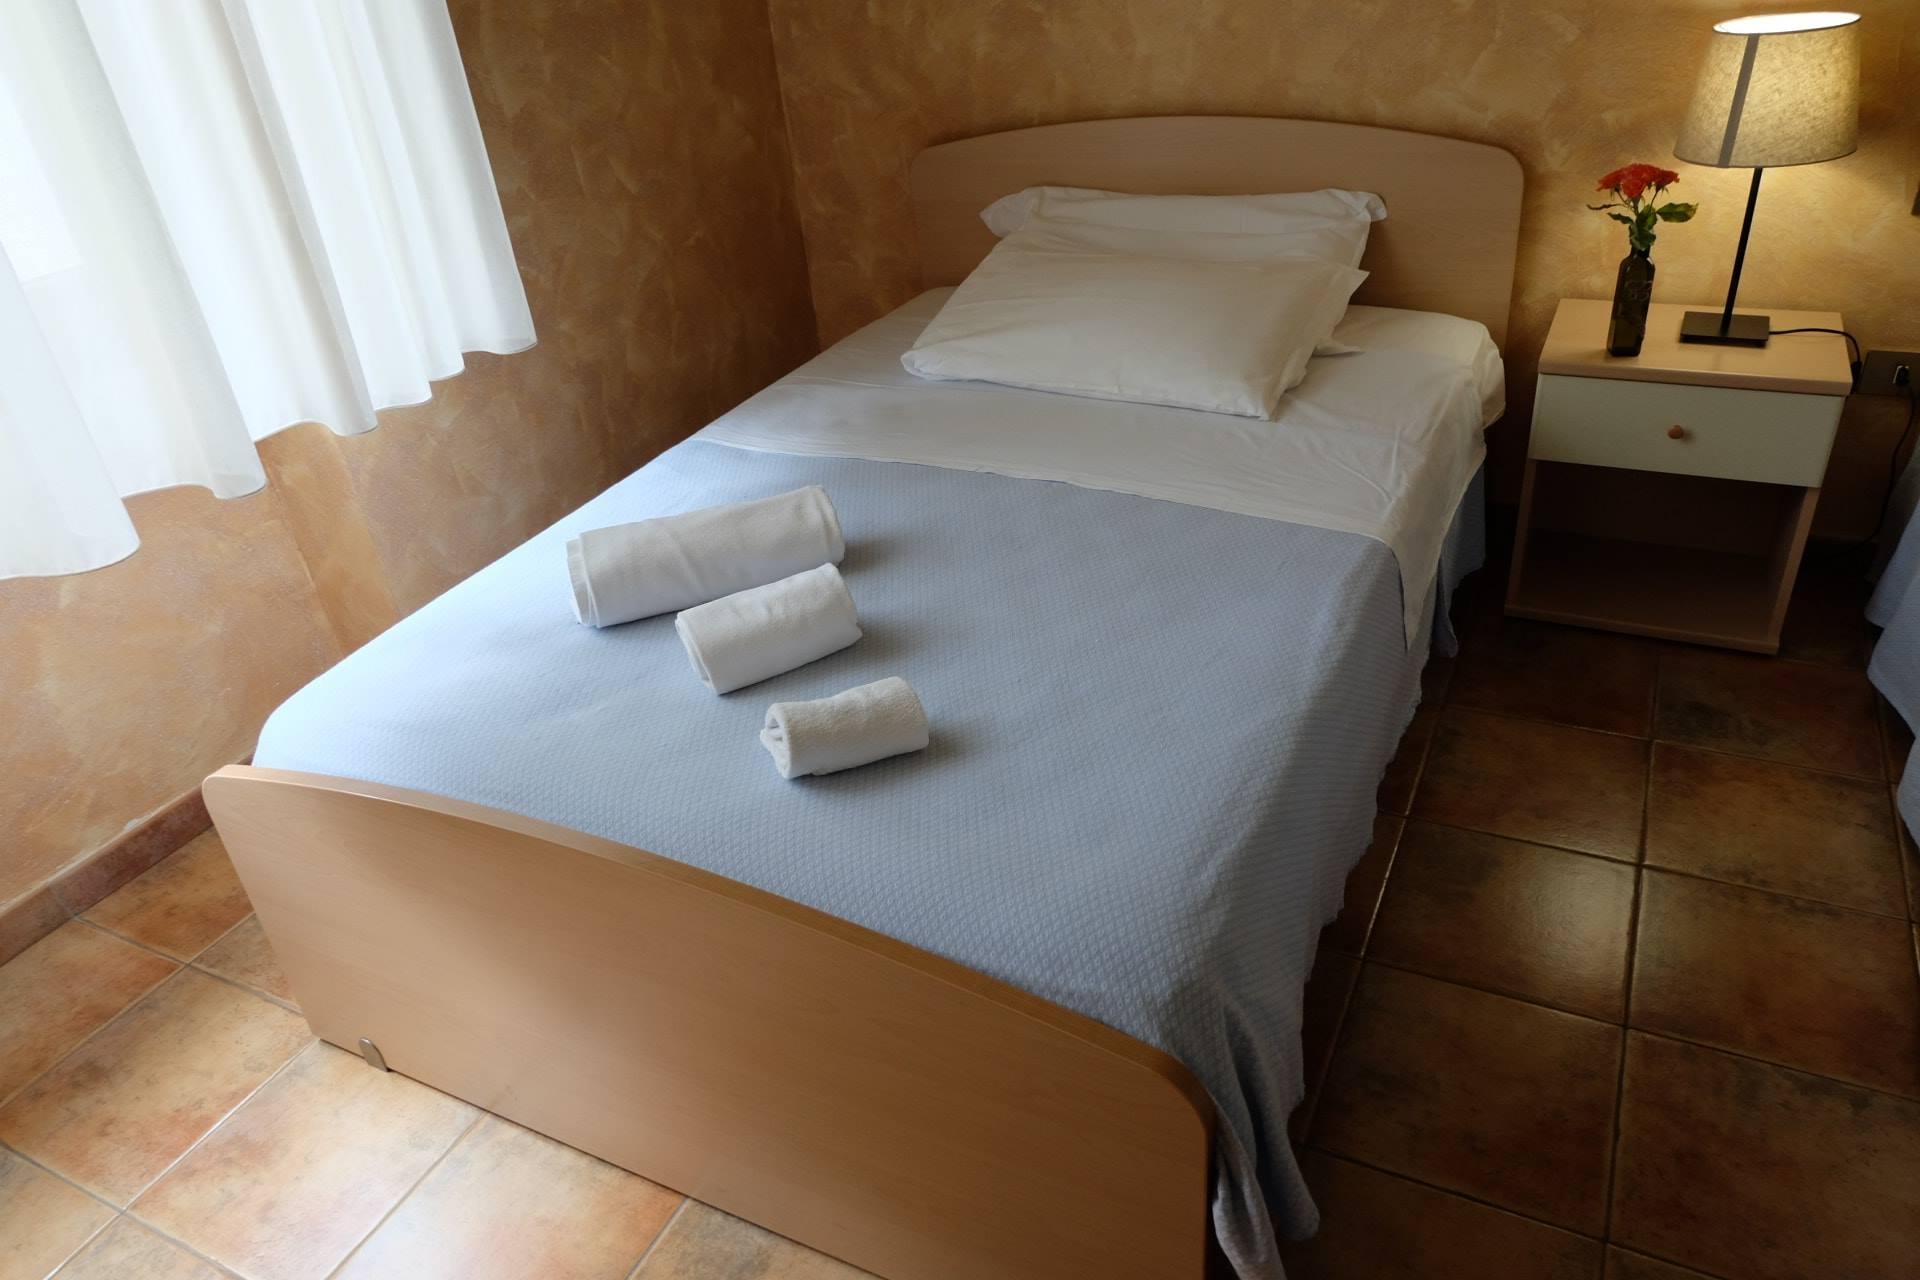 galleria foto camere hostel il tetto melfi ostello dormire soggiorno vacanze basilicata6